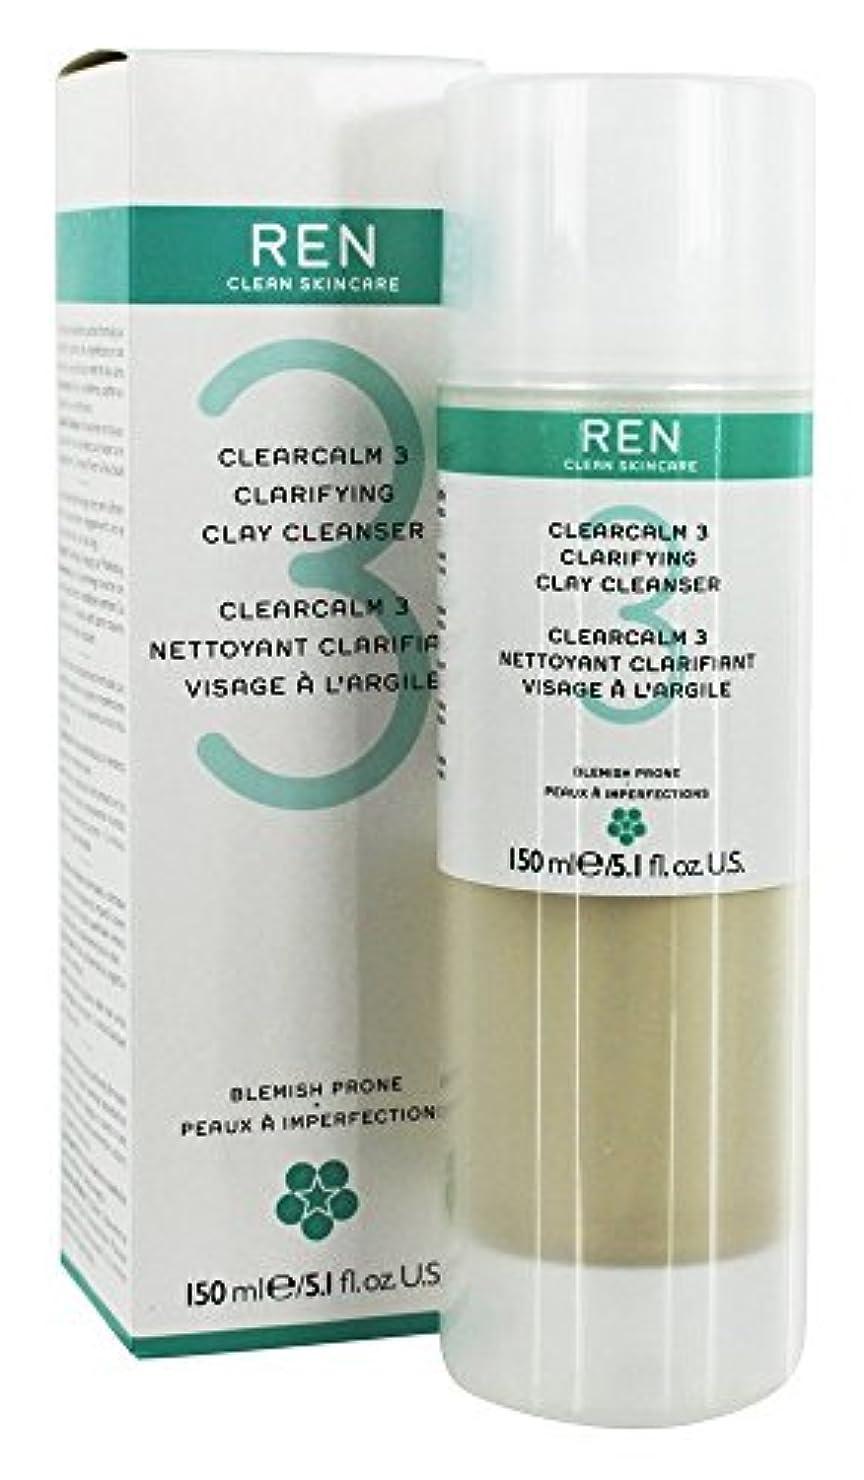 甘やかす意義注入Ren Clearcalm 3 Clarifying Clay Cleanser 150ml [並行輸入品]